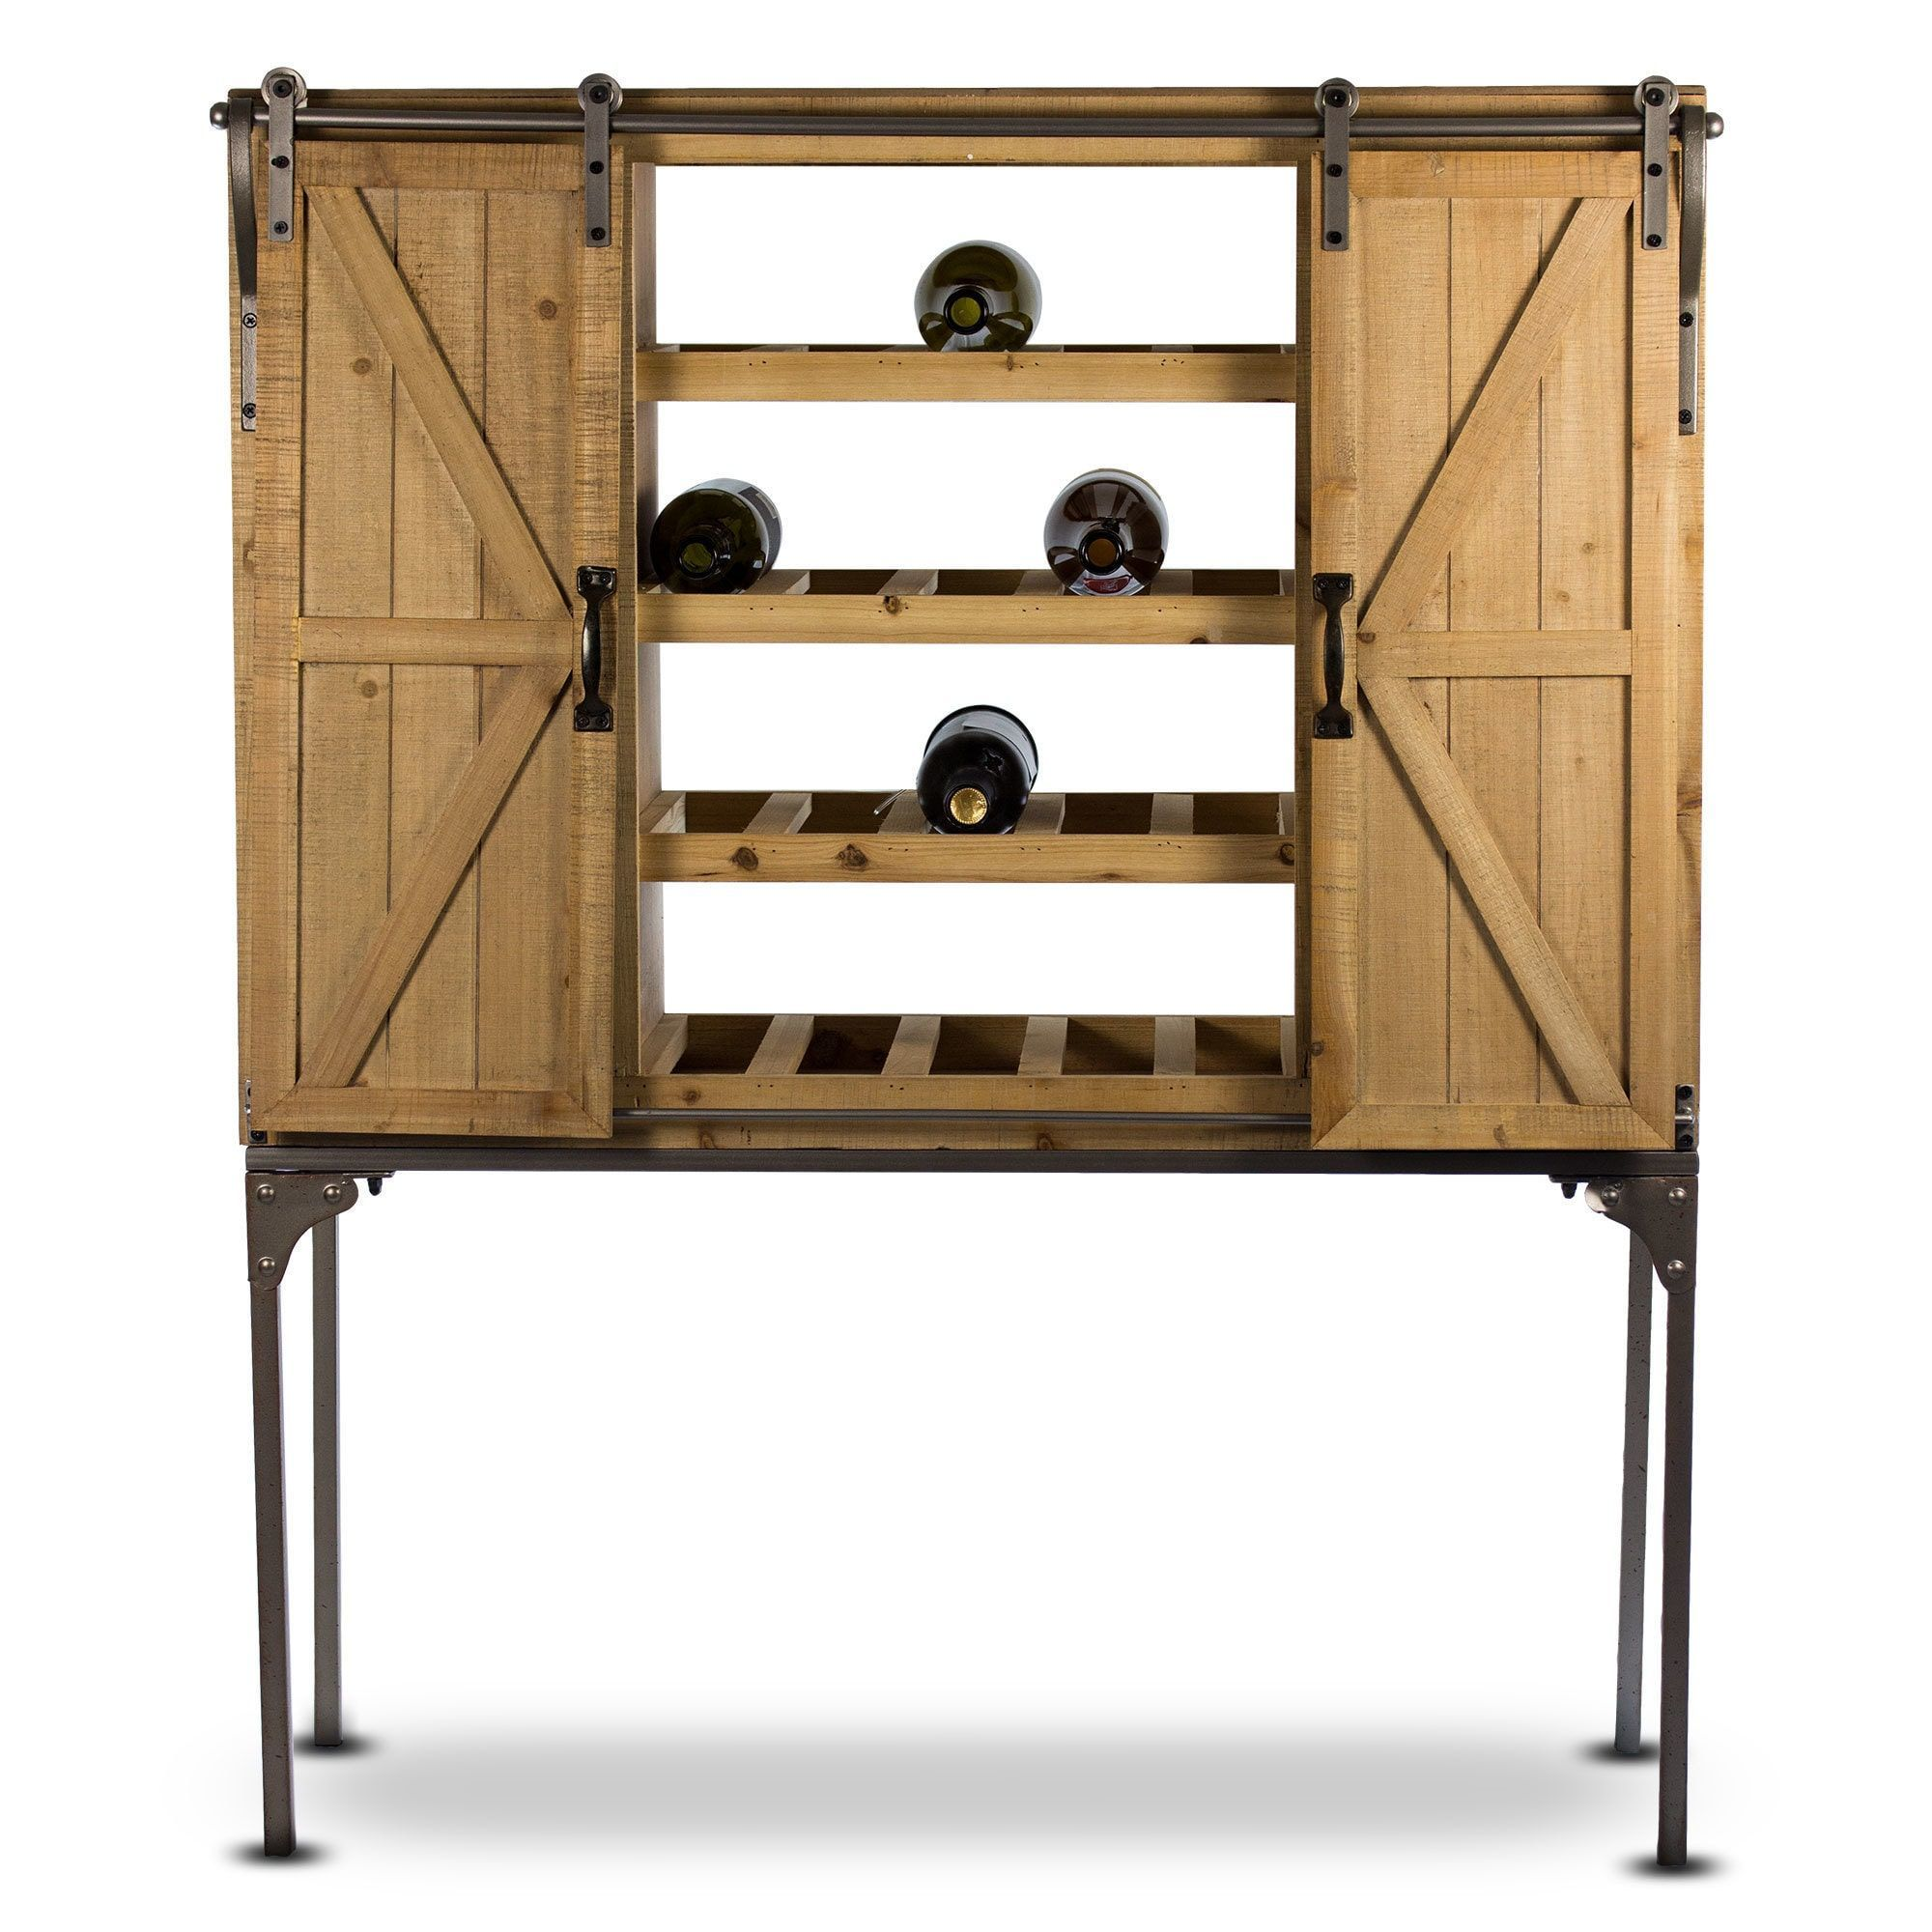 Gallery rustic wood wine rack barn door glassware